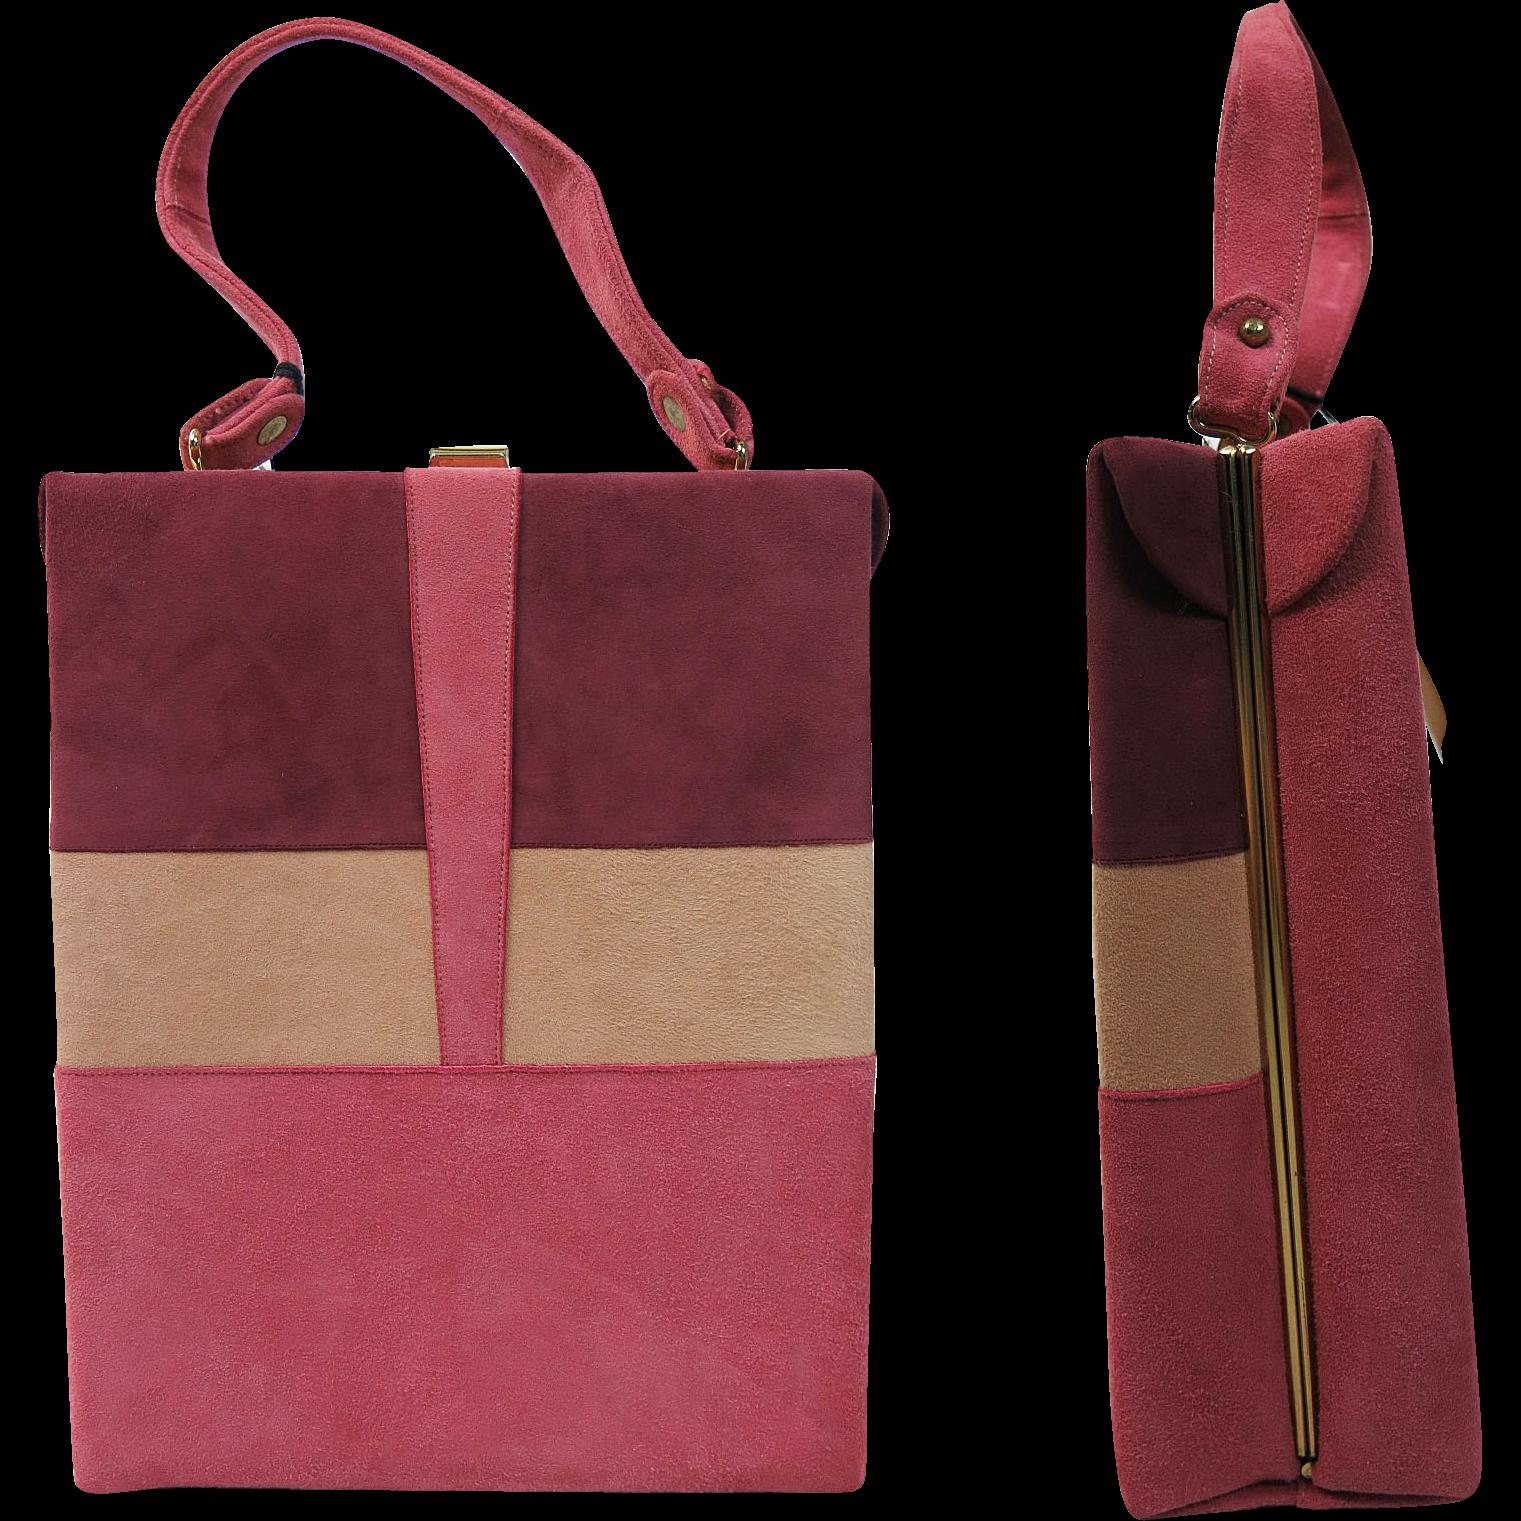 Vintage 1960's Unused Stylecraft Miami Mod Suede Handbag With Original Hangtags